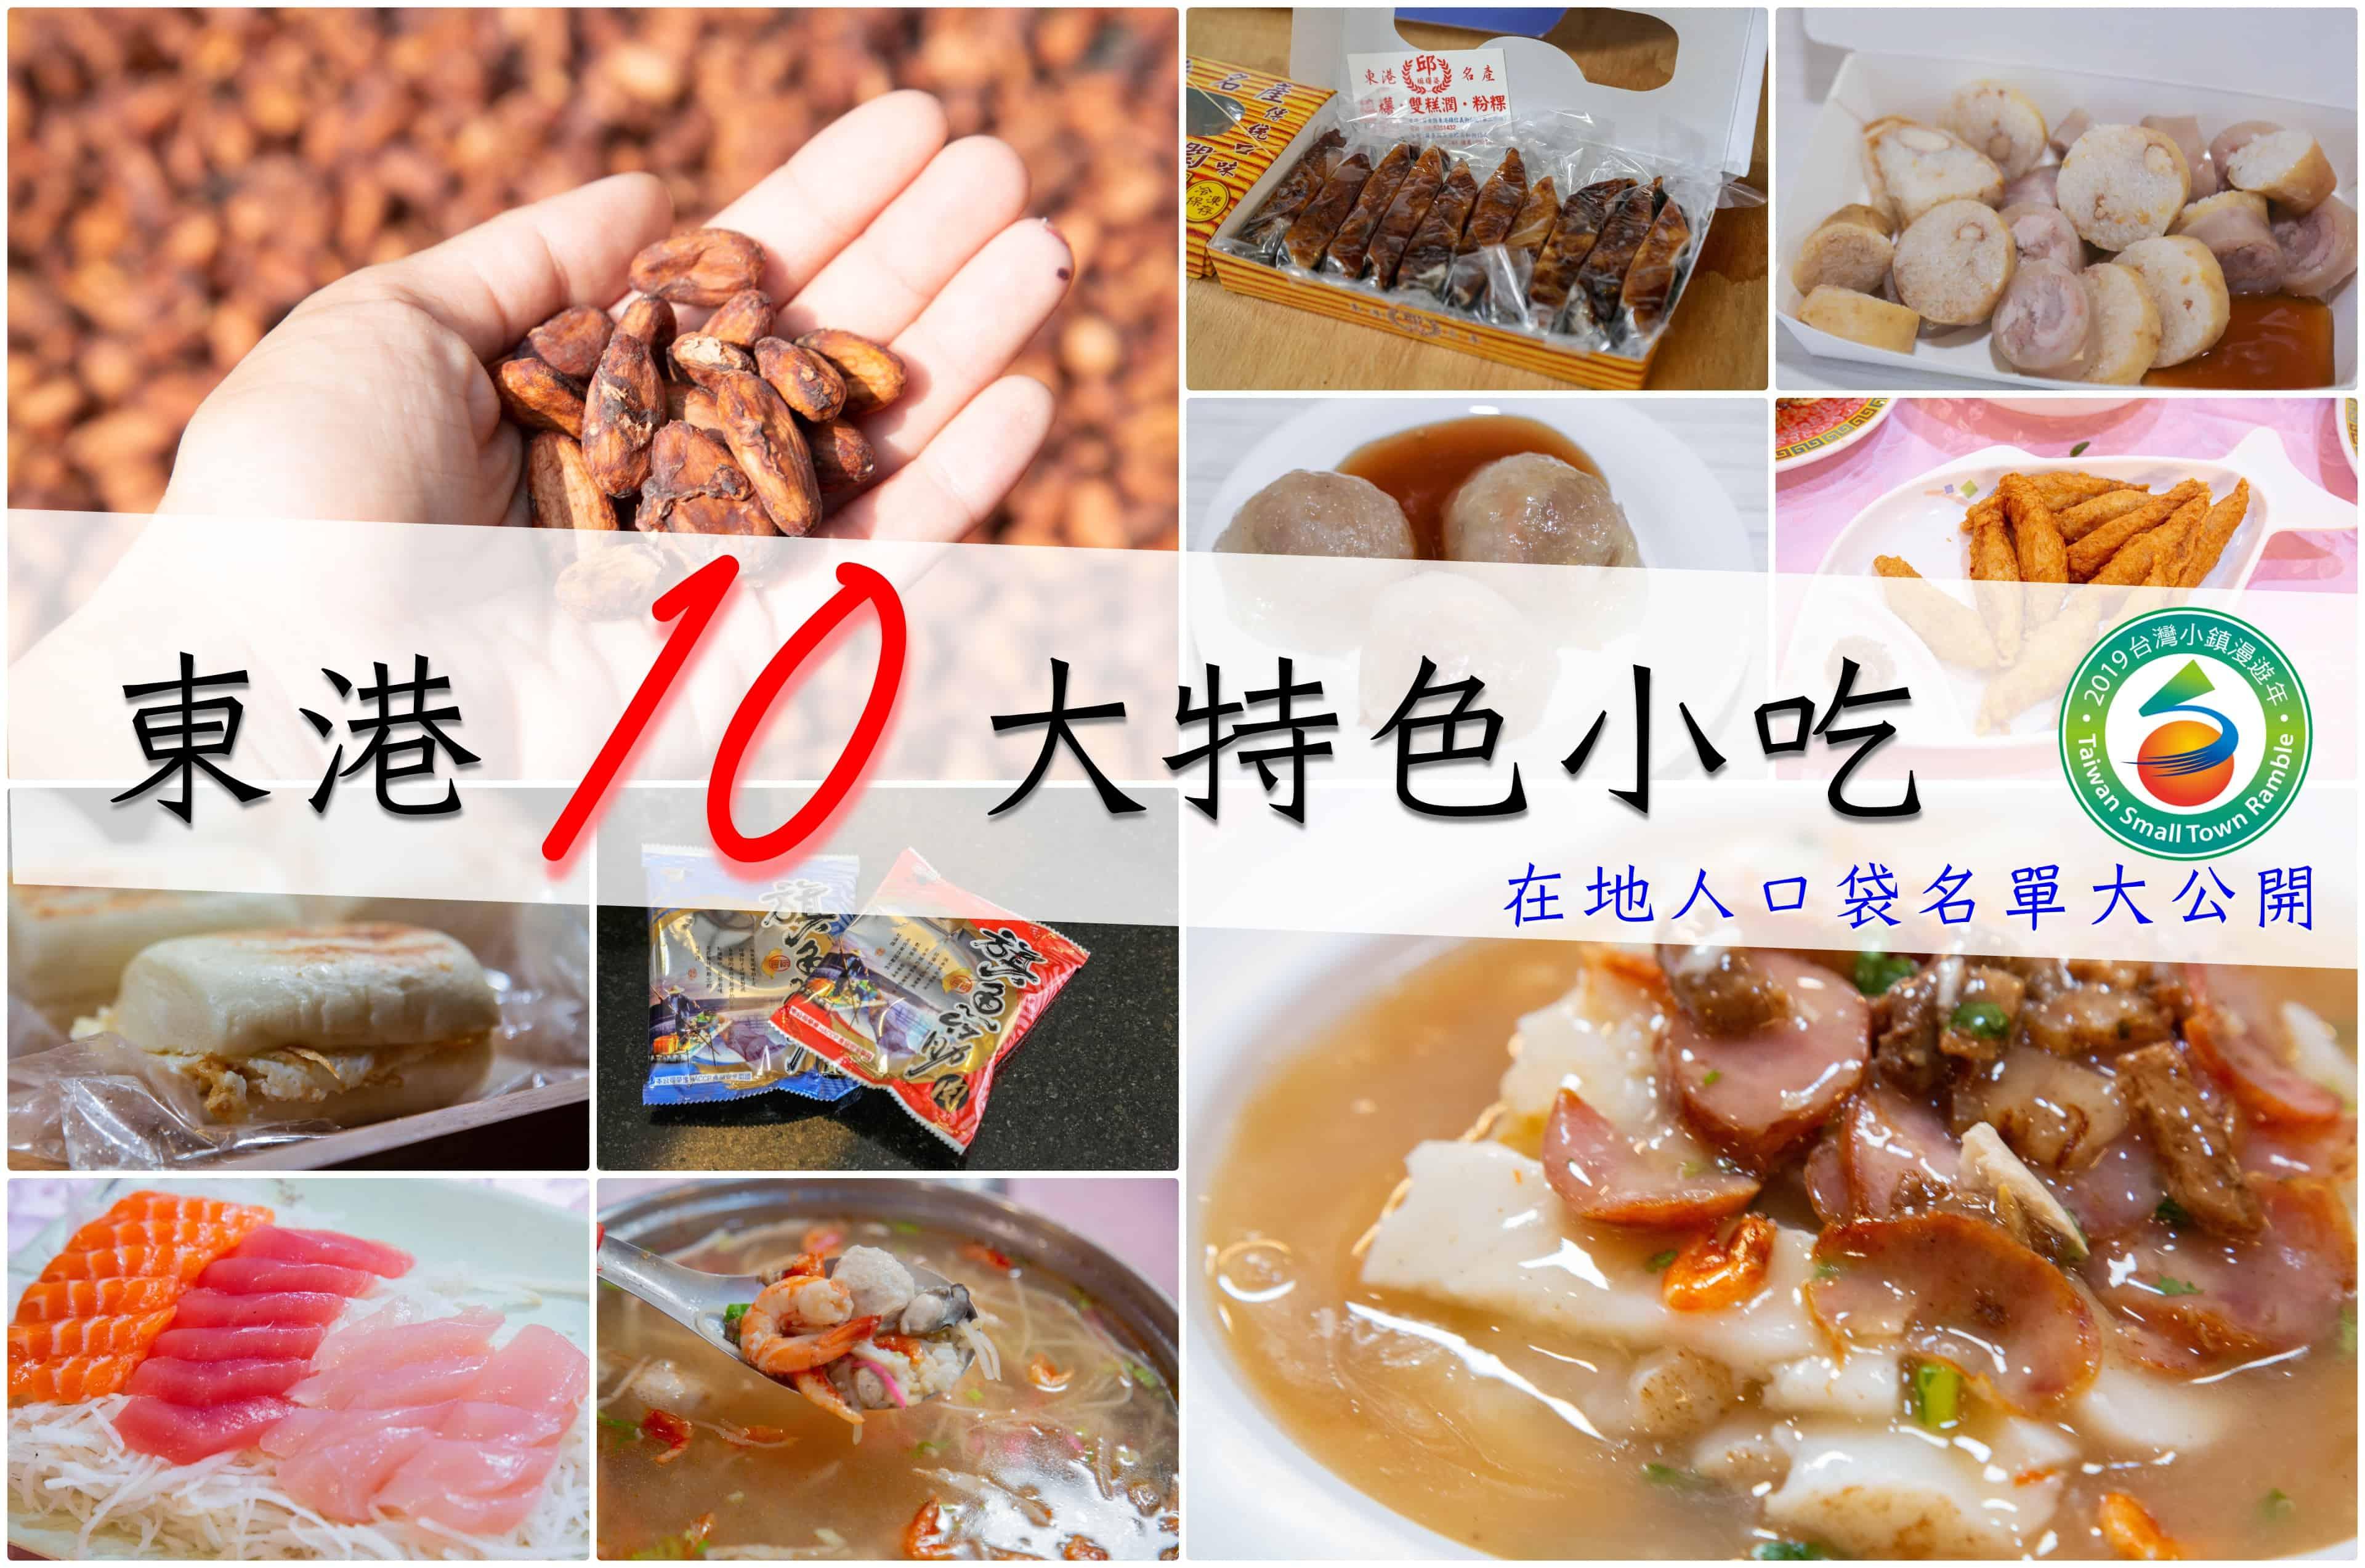 屏東、東港美食|在地人口袋名單大公開!精選東港十大特色小吃,東港人點名的道地好滋味